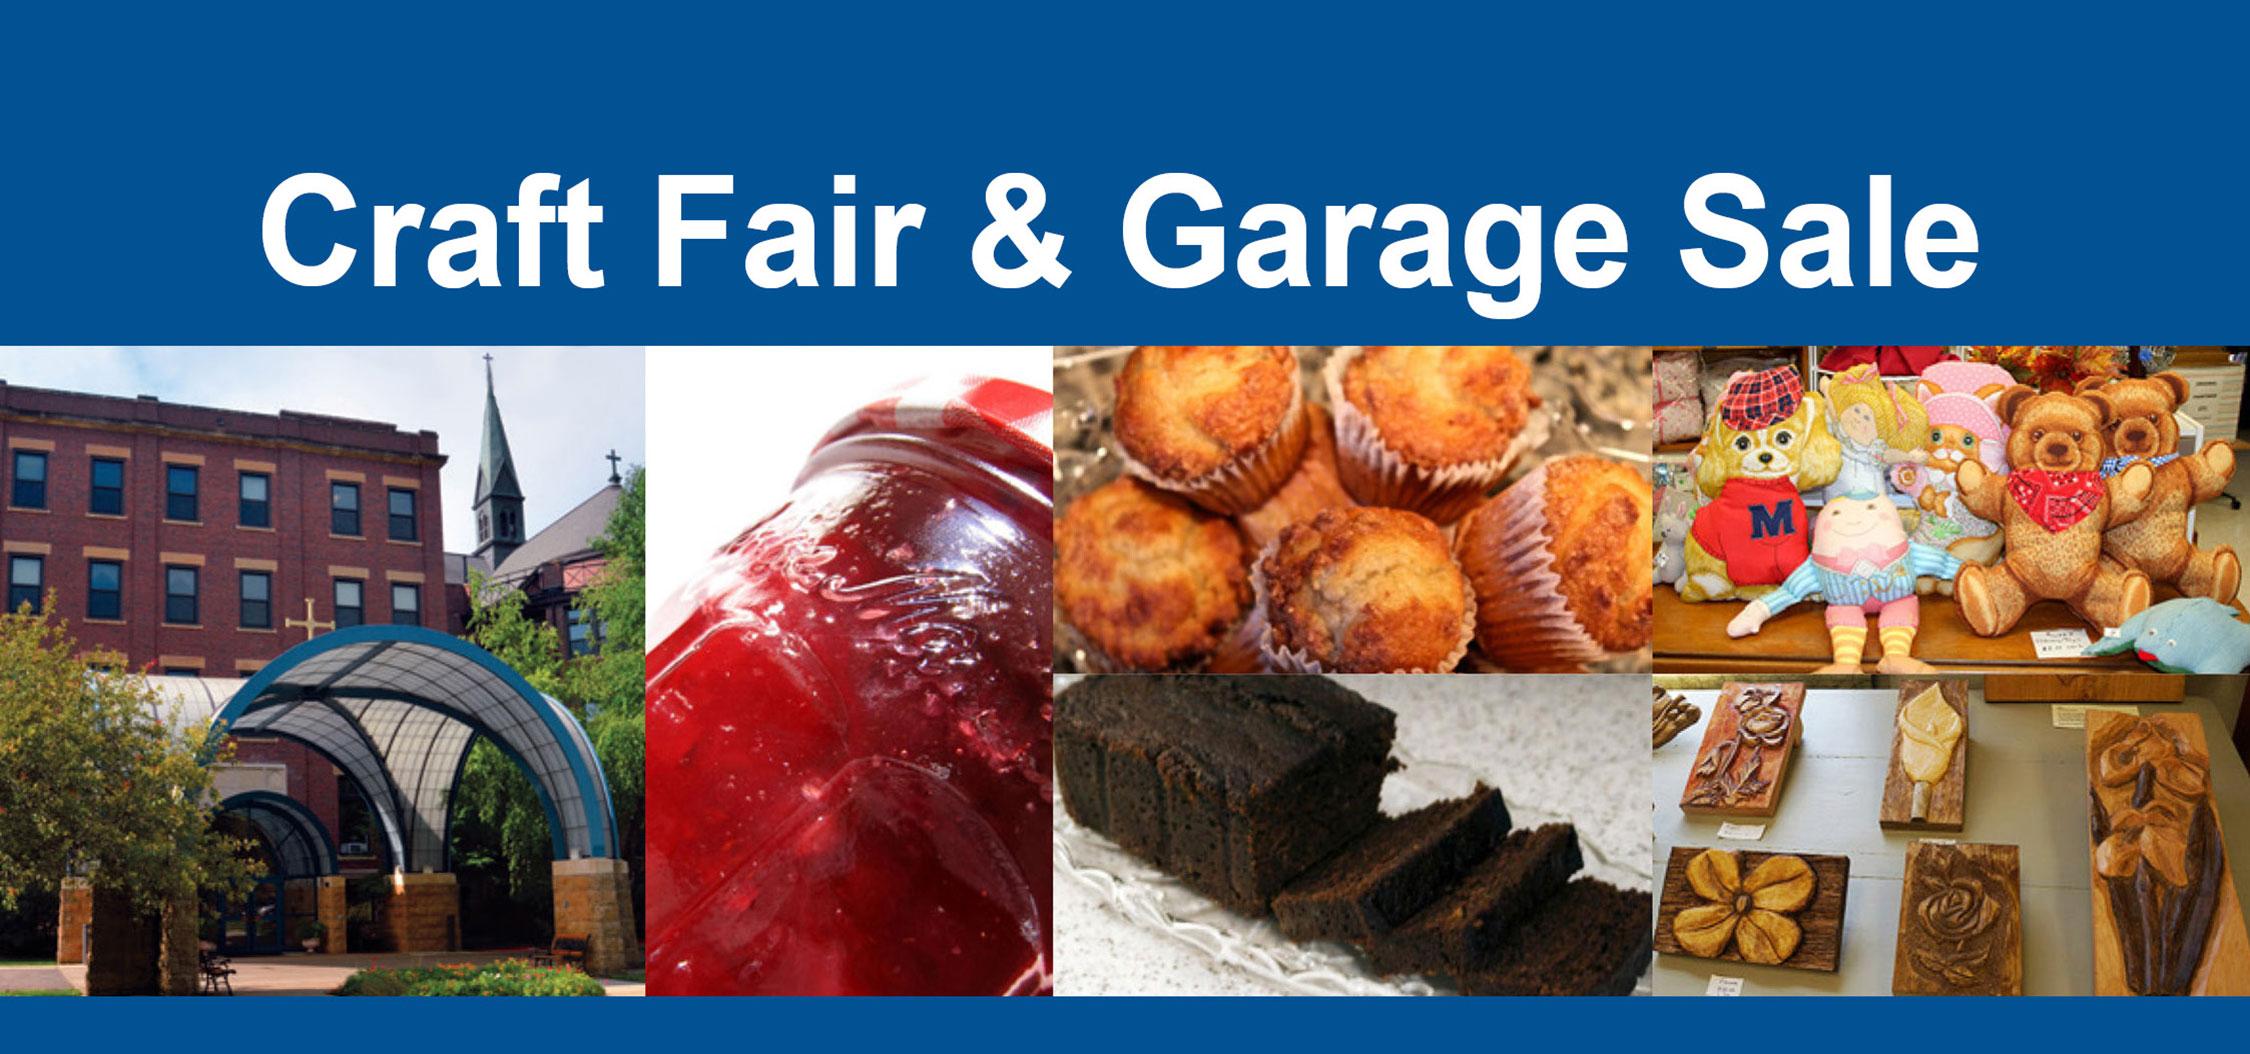 Craft Fair & Garage Sale